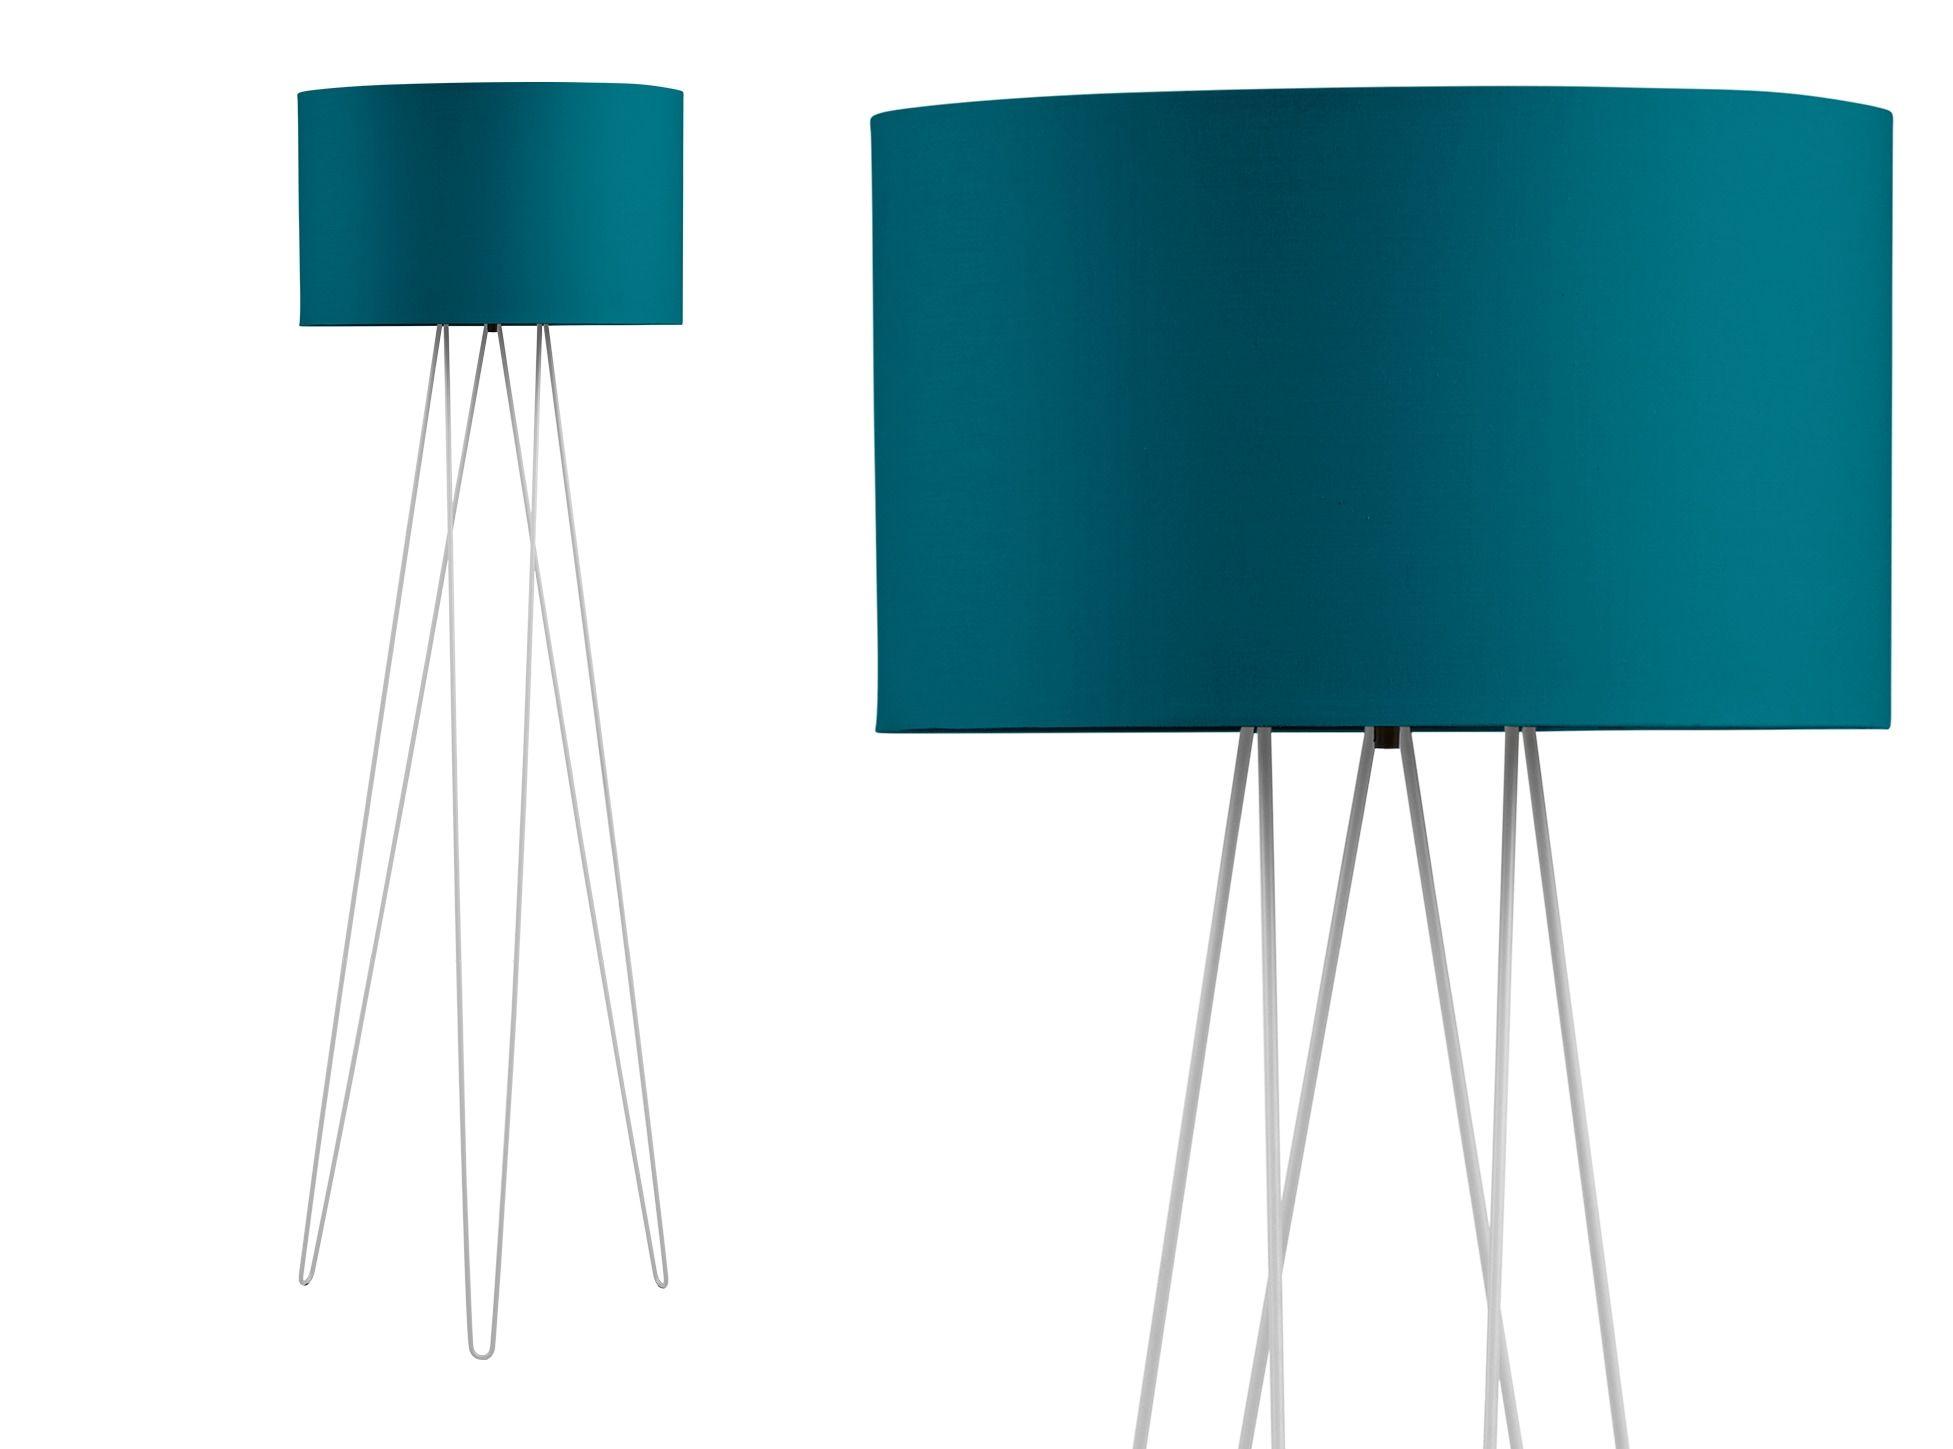 Erin Tripod-Stehlampe, Grau und Blaugrün | Neue wohnung, Produkte ...